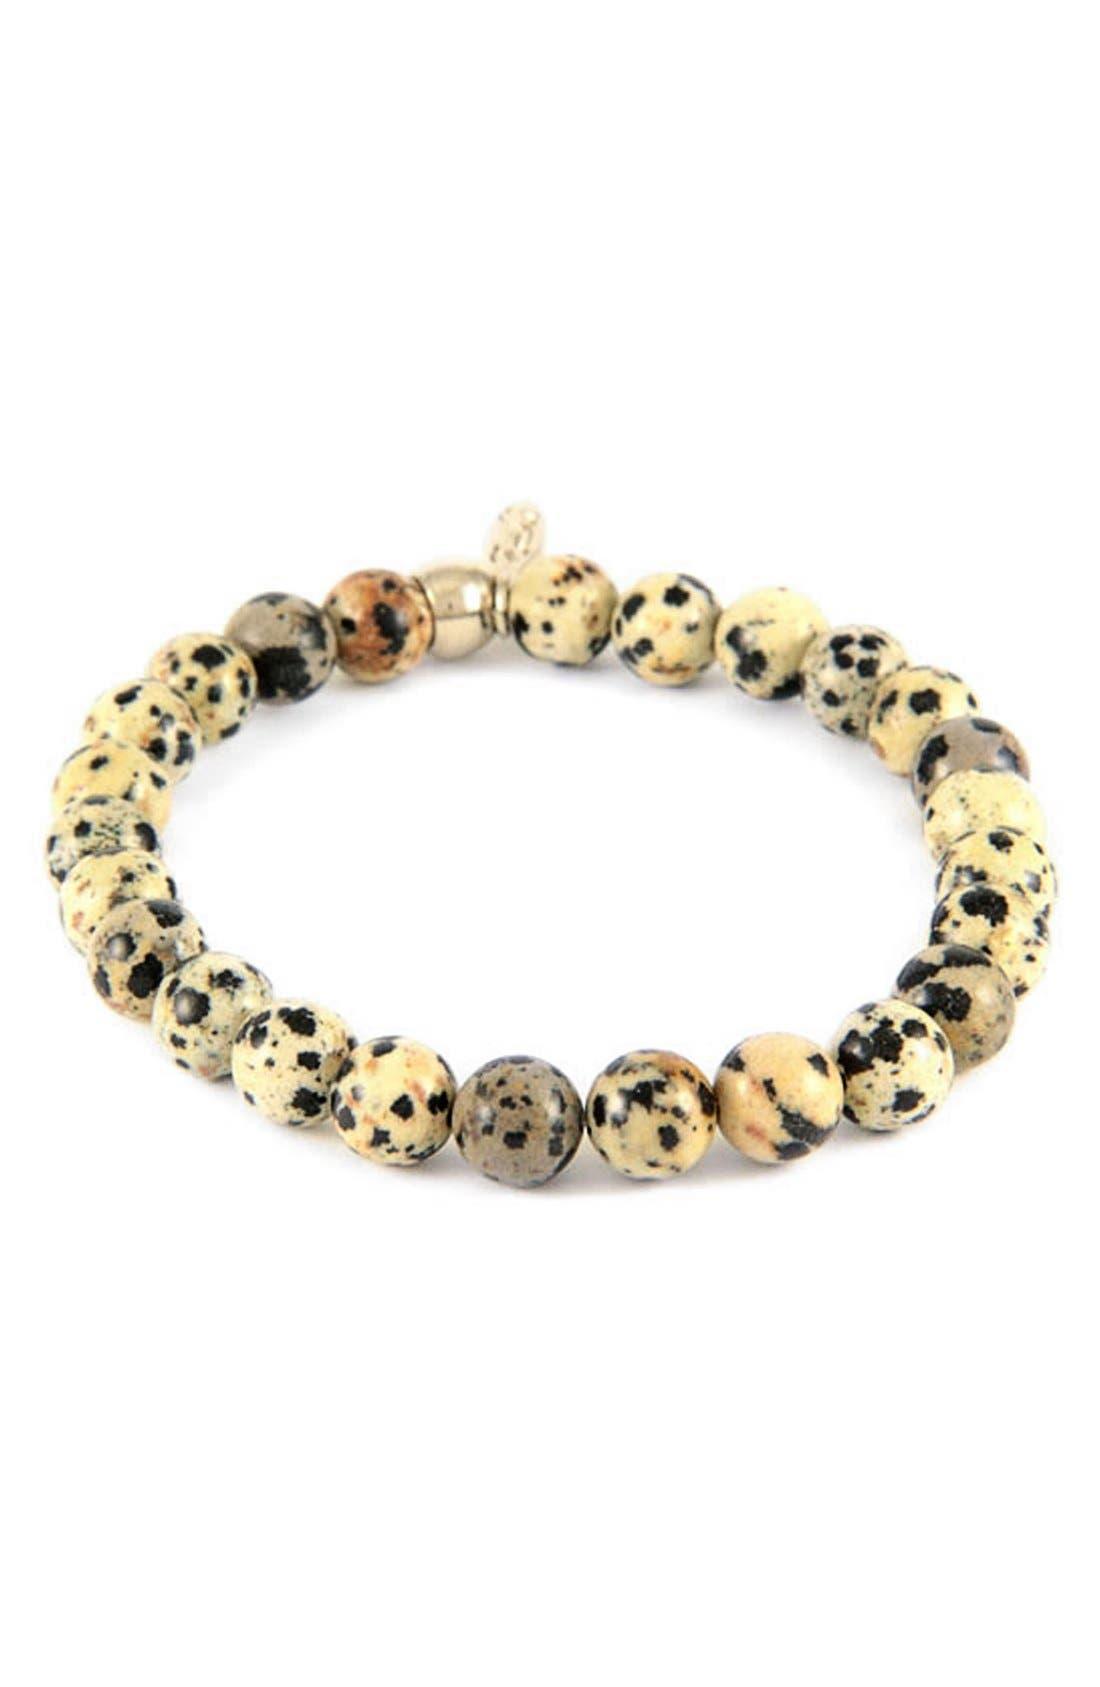 Dalmatian Jasper Bead Bracelet,                         Main,                         color, Dalmatian